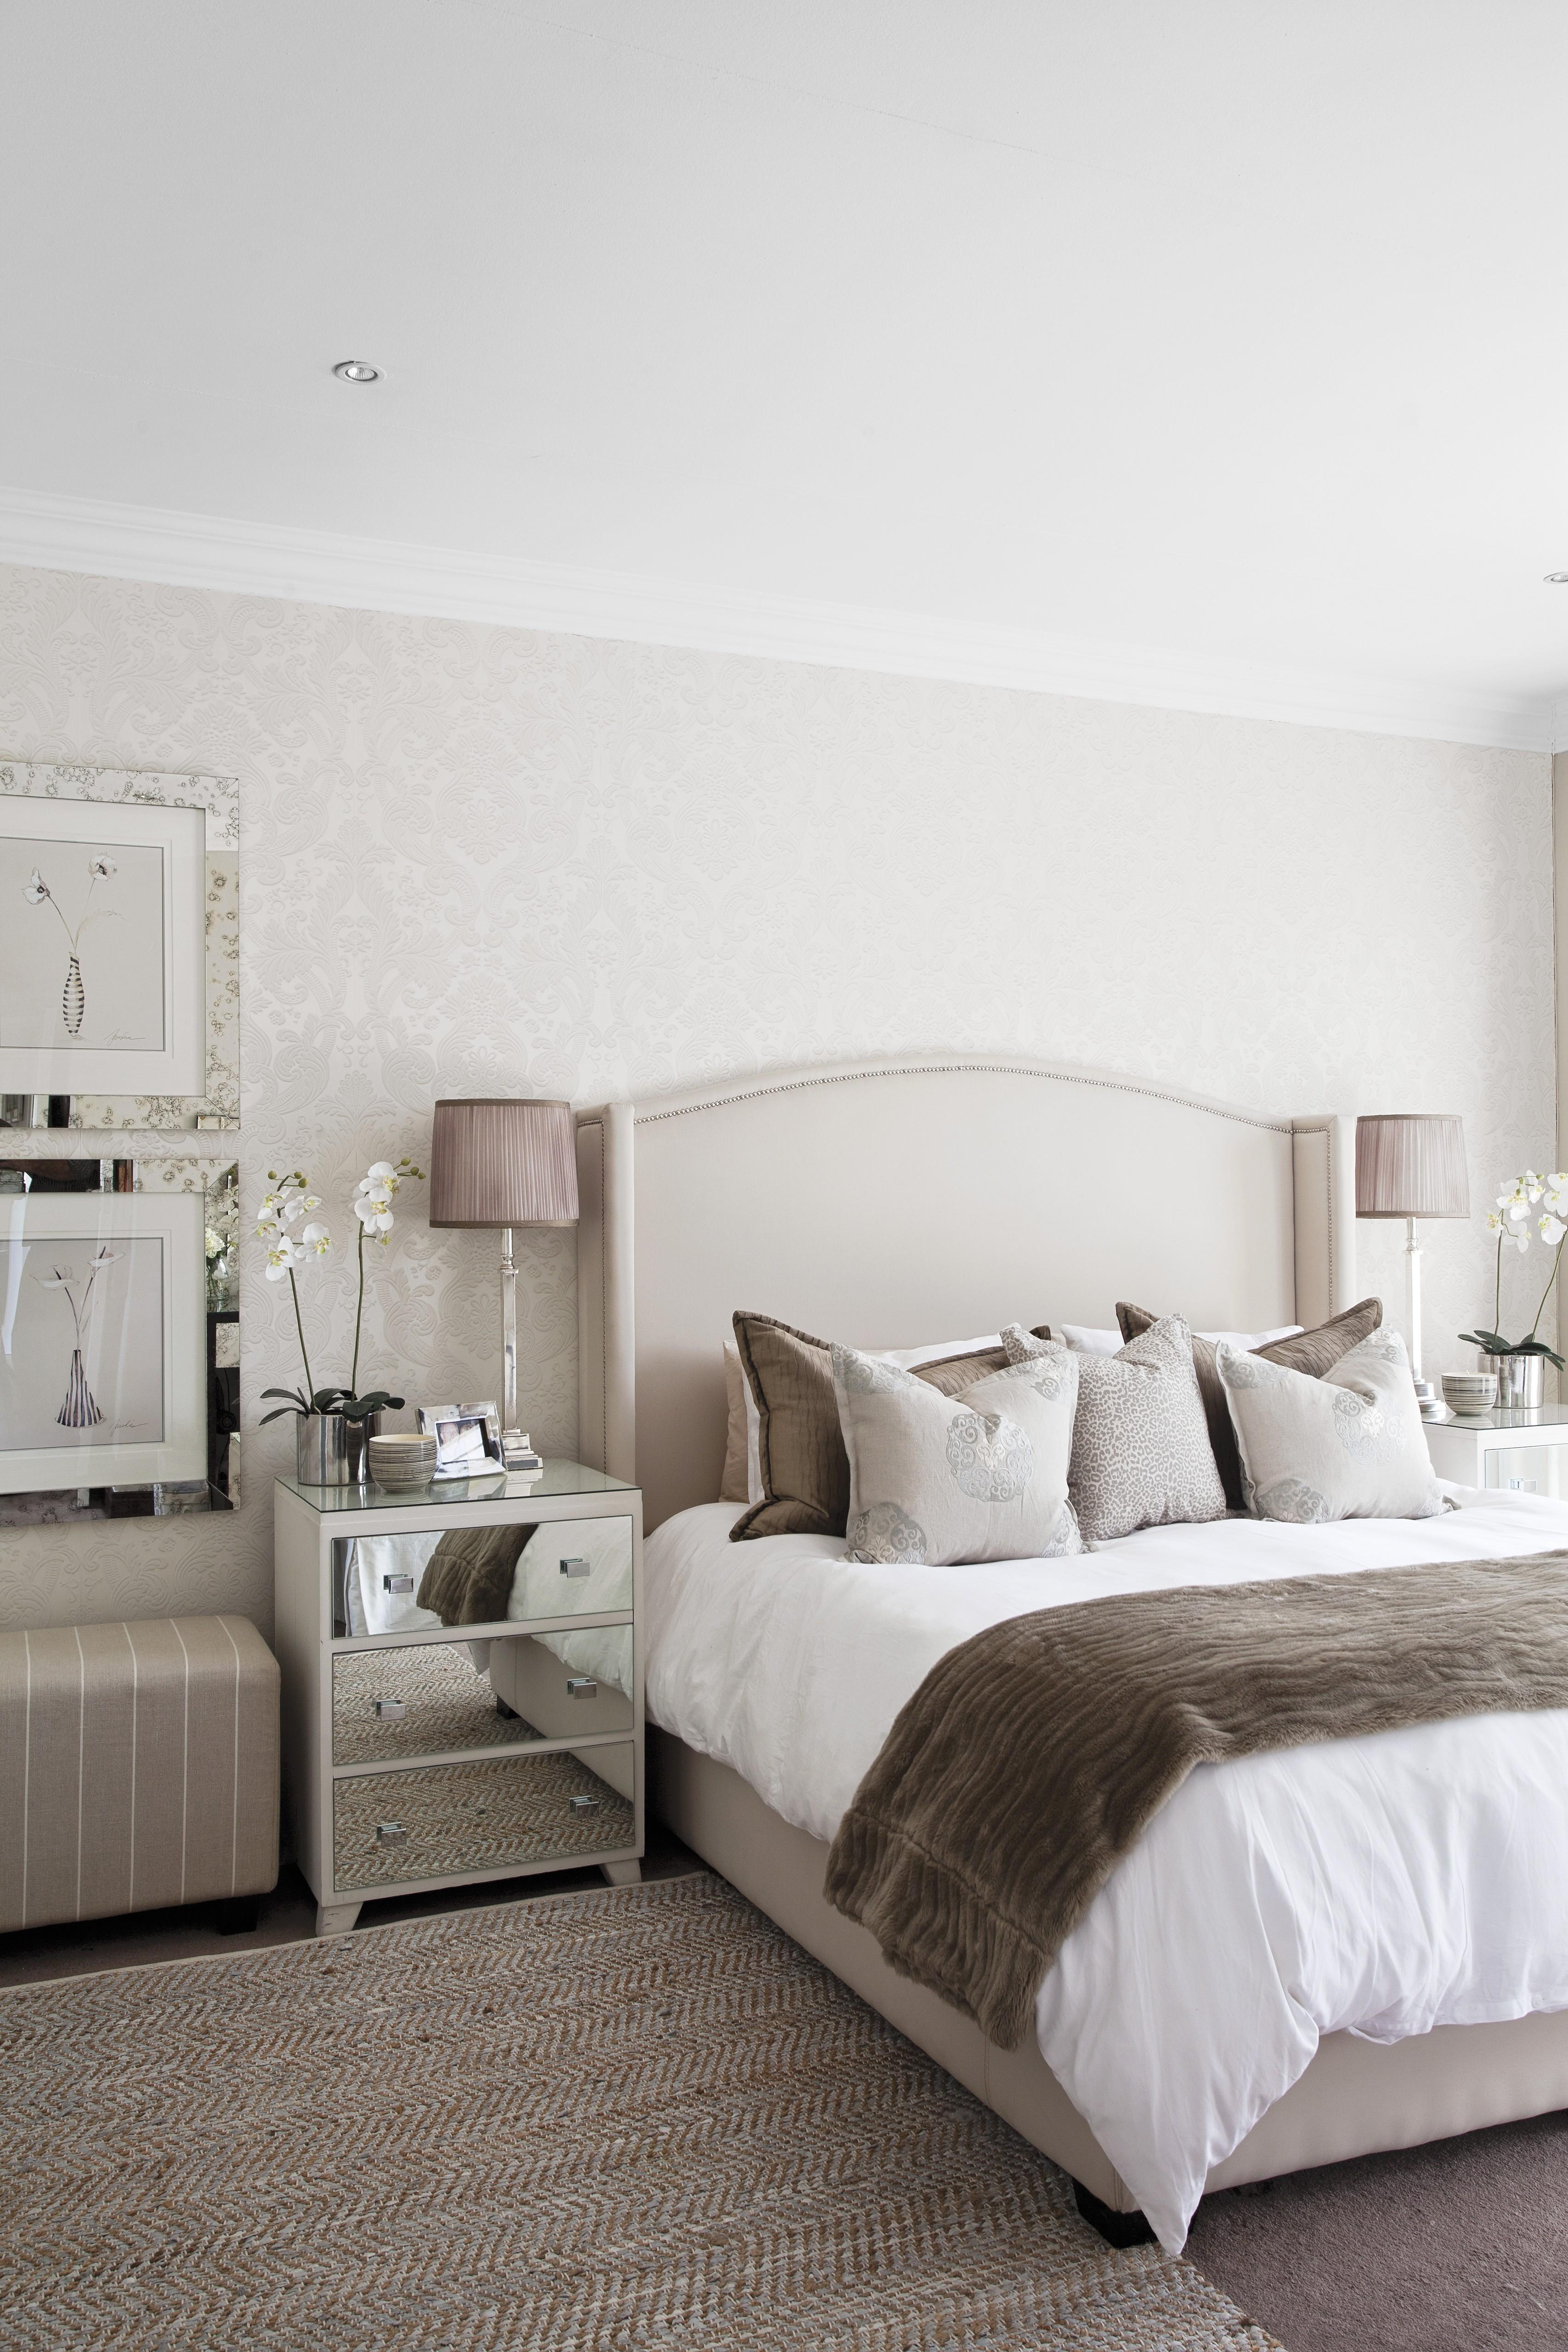 die 10 inspirierendsten schlafzimmer westwing magazin. Black Bedroom Furniture Sets. Home Design Ideas